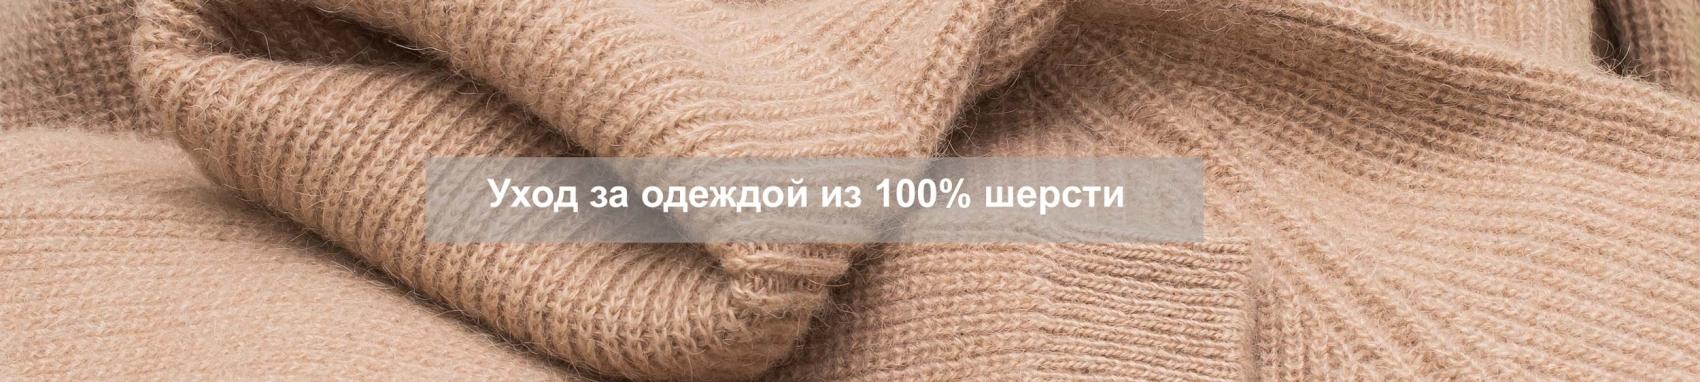 Одежда 100% шерсть